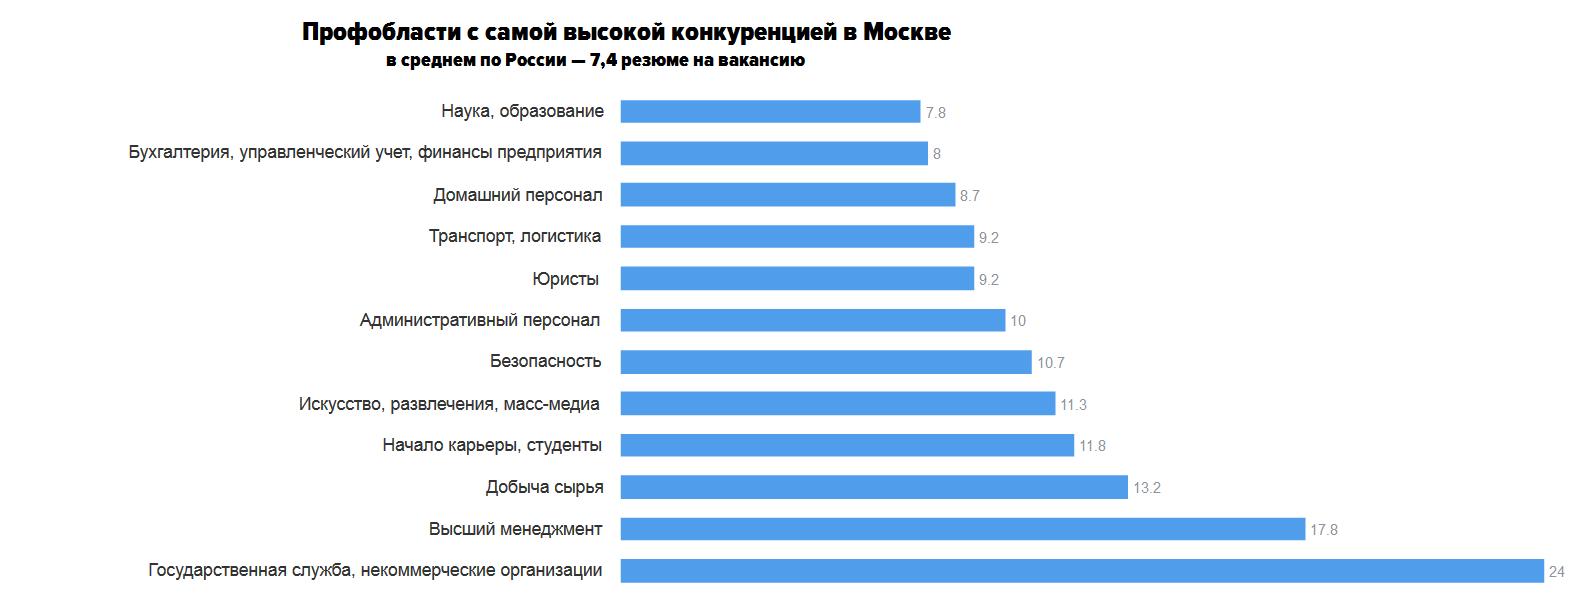 Конкуренция среди молодых специалистов выросла до человек на место Конкуренция среди начинающих карьеру выросла с 9 до 12 человек на одну позицию в Москве В среднем по России ситуация схожая конкуренция выросла до 11 3